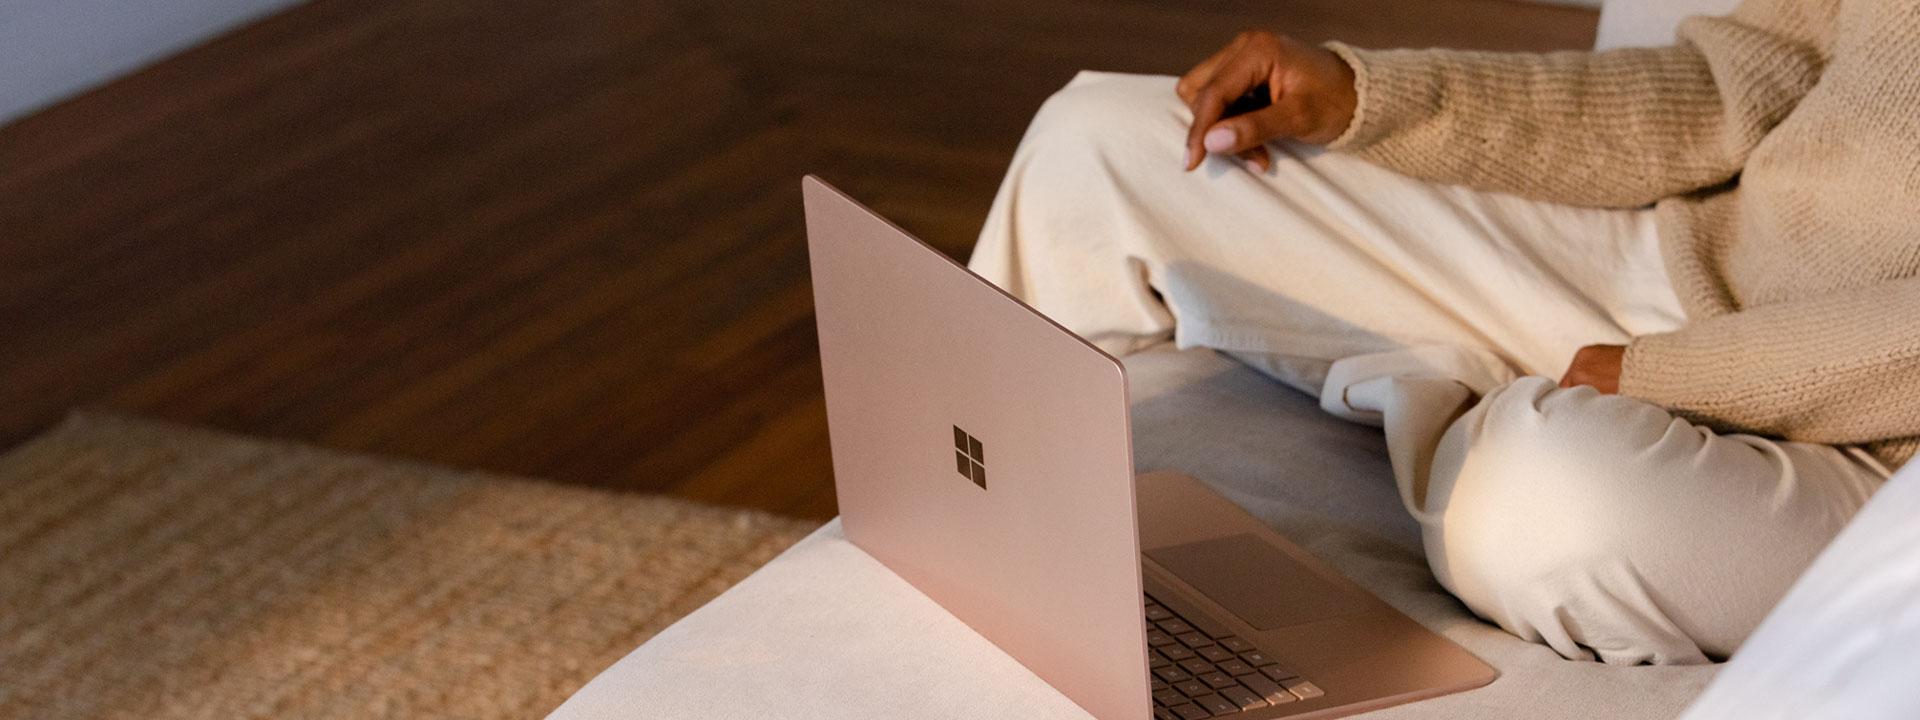 Femme assise sur un canapé devant un SurfaceLaptop3